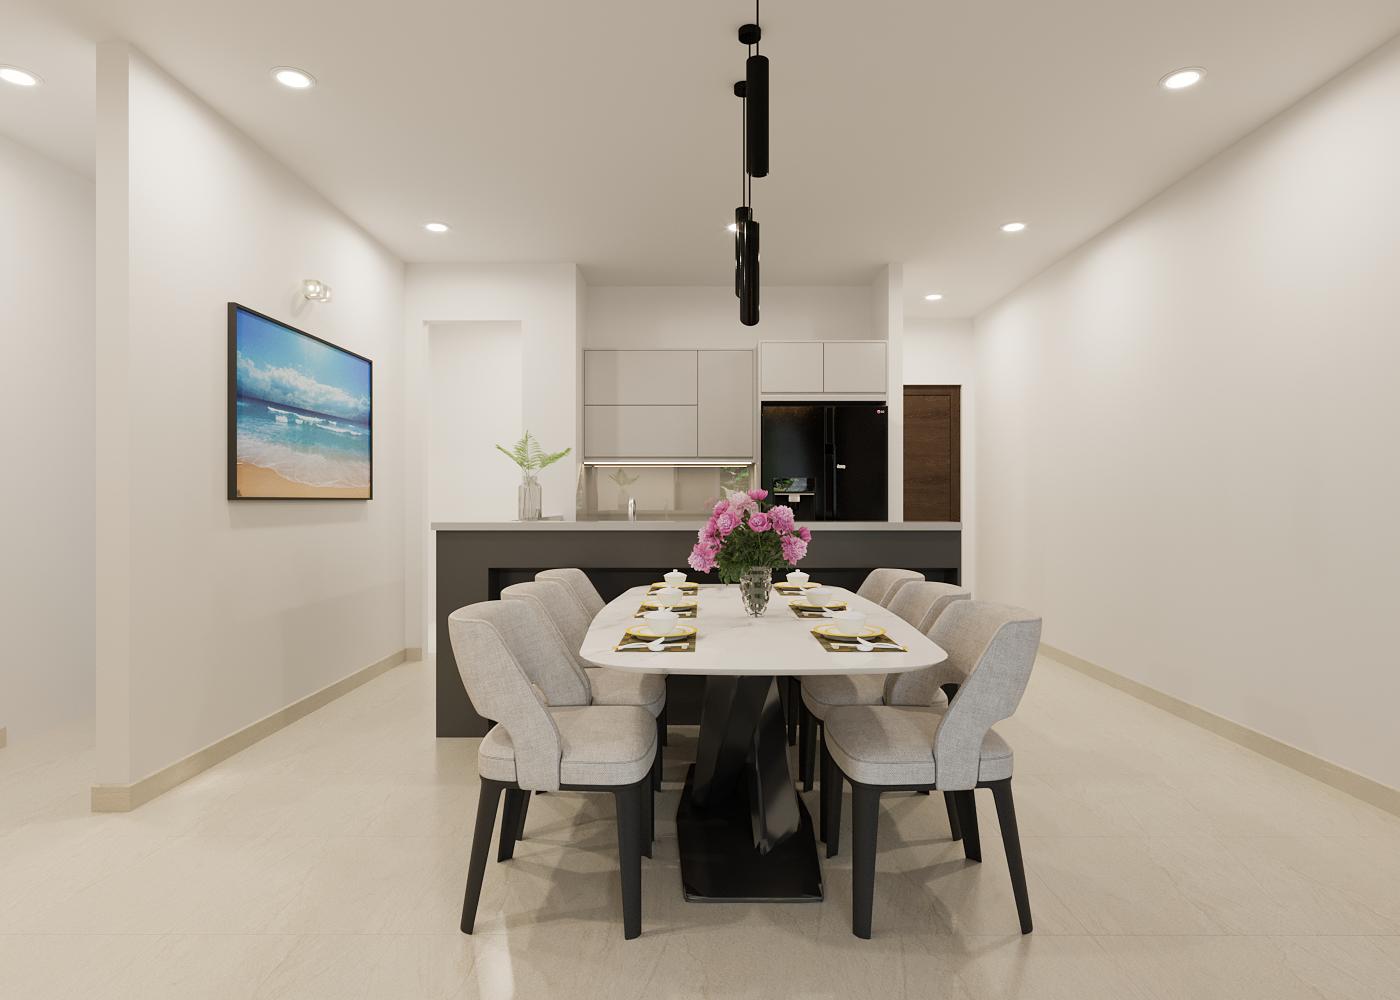 nội thất nhà bếp căn hộ the habitat